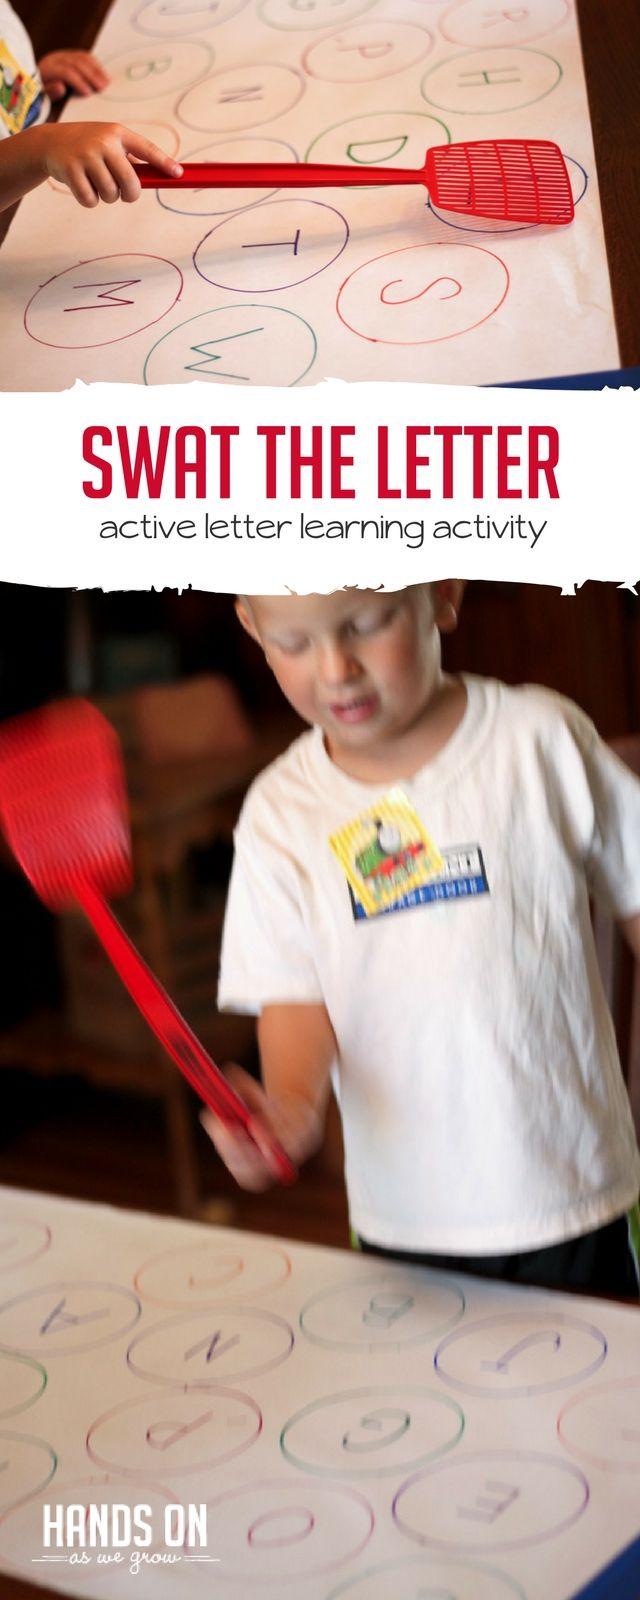 Find the Letter & Swat It! via @handsonaswegrow